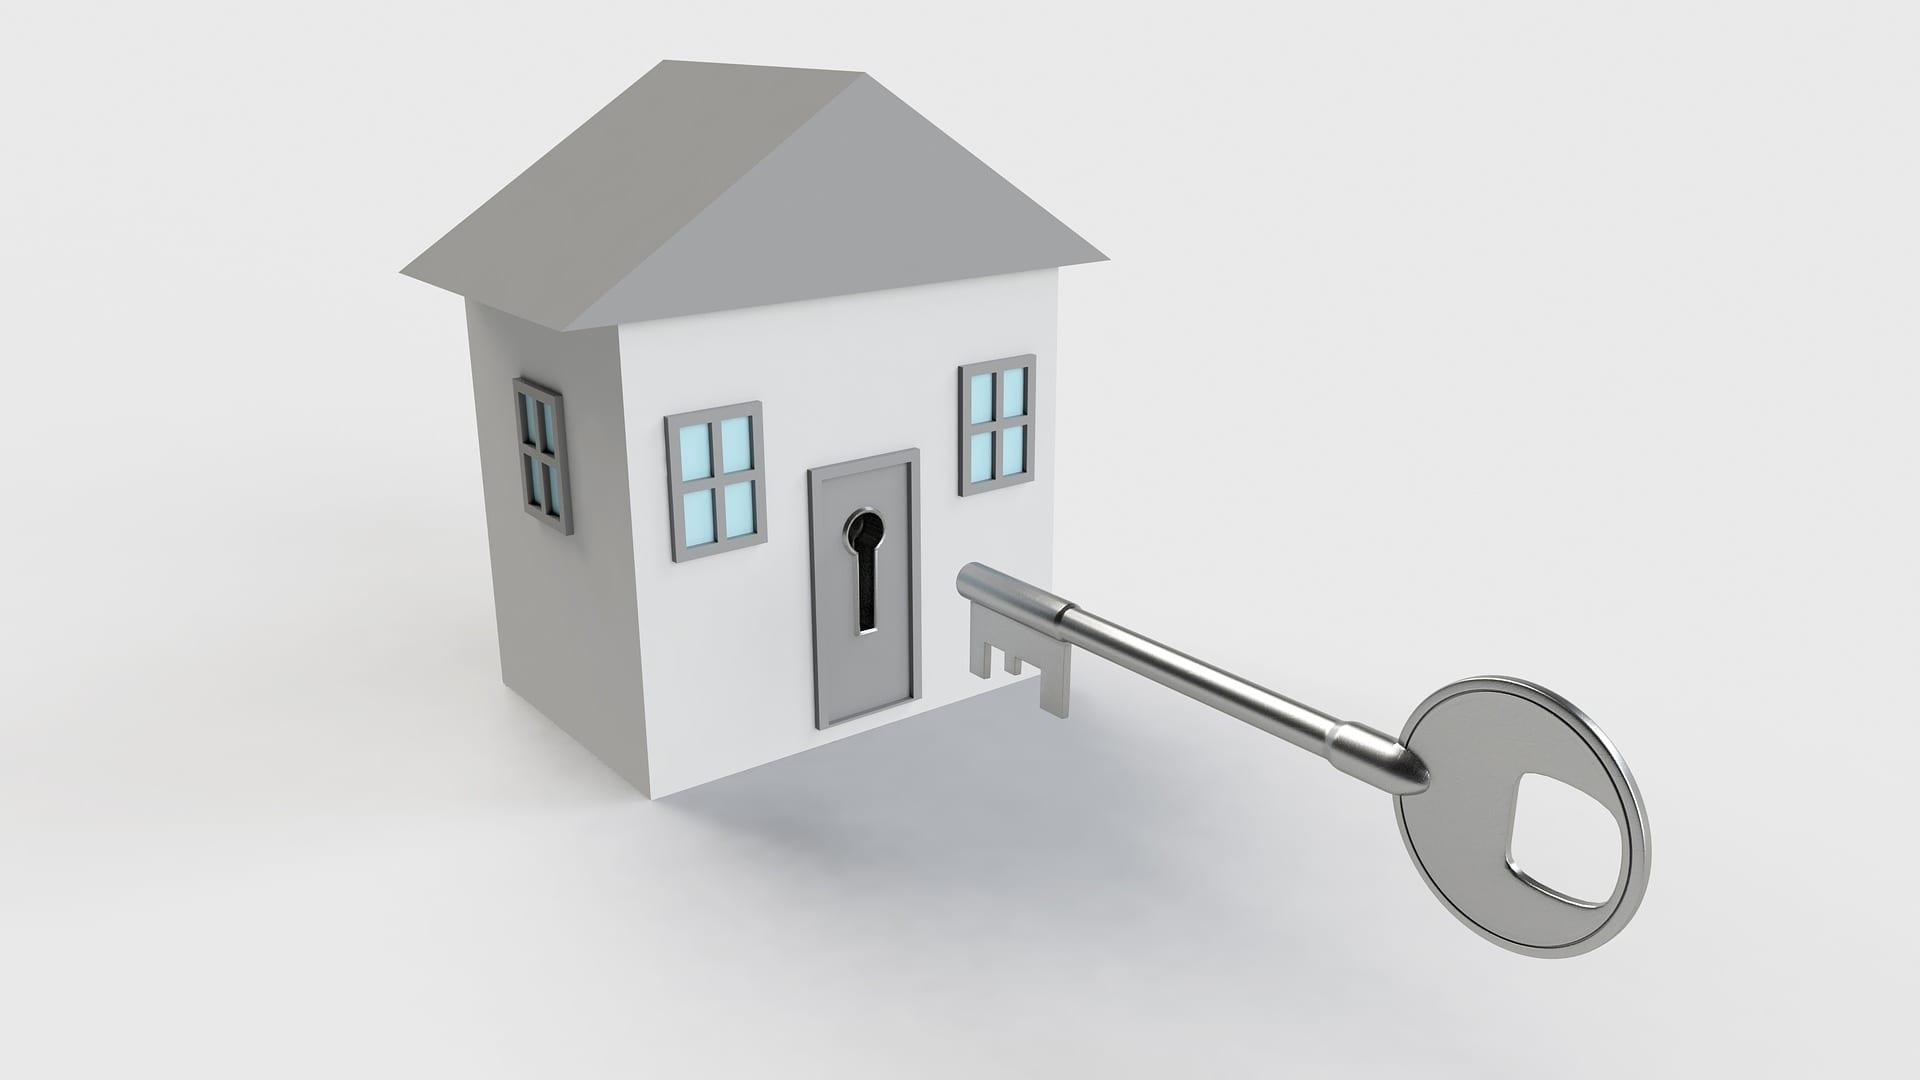 la-importancia-de-conocer-los-mejores-simuladores-de-hipotecas